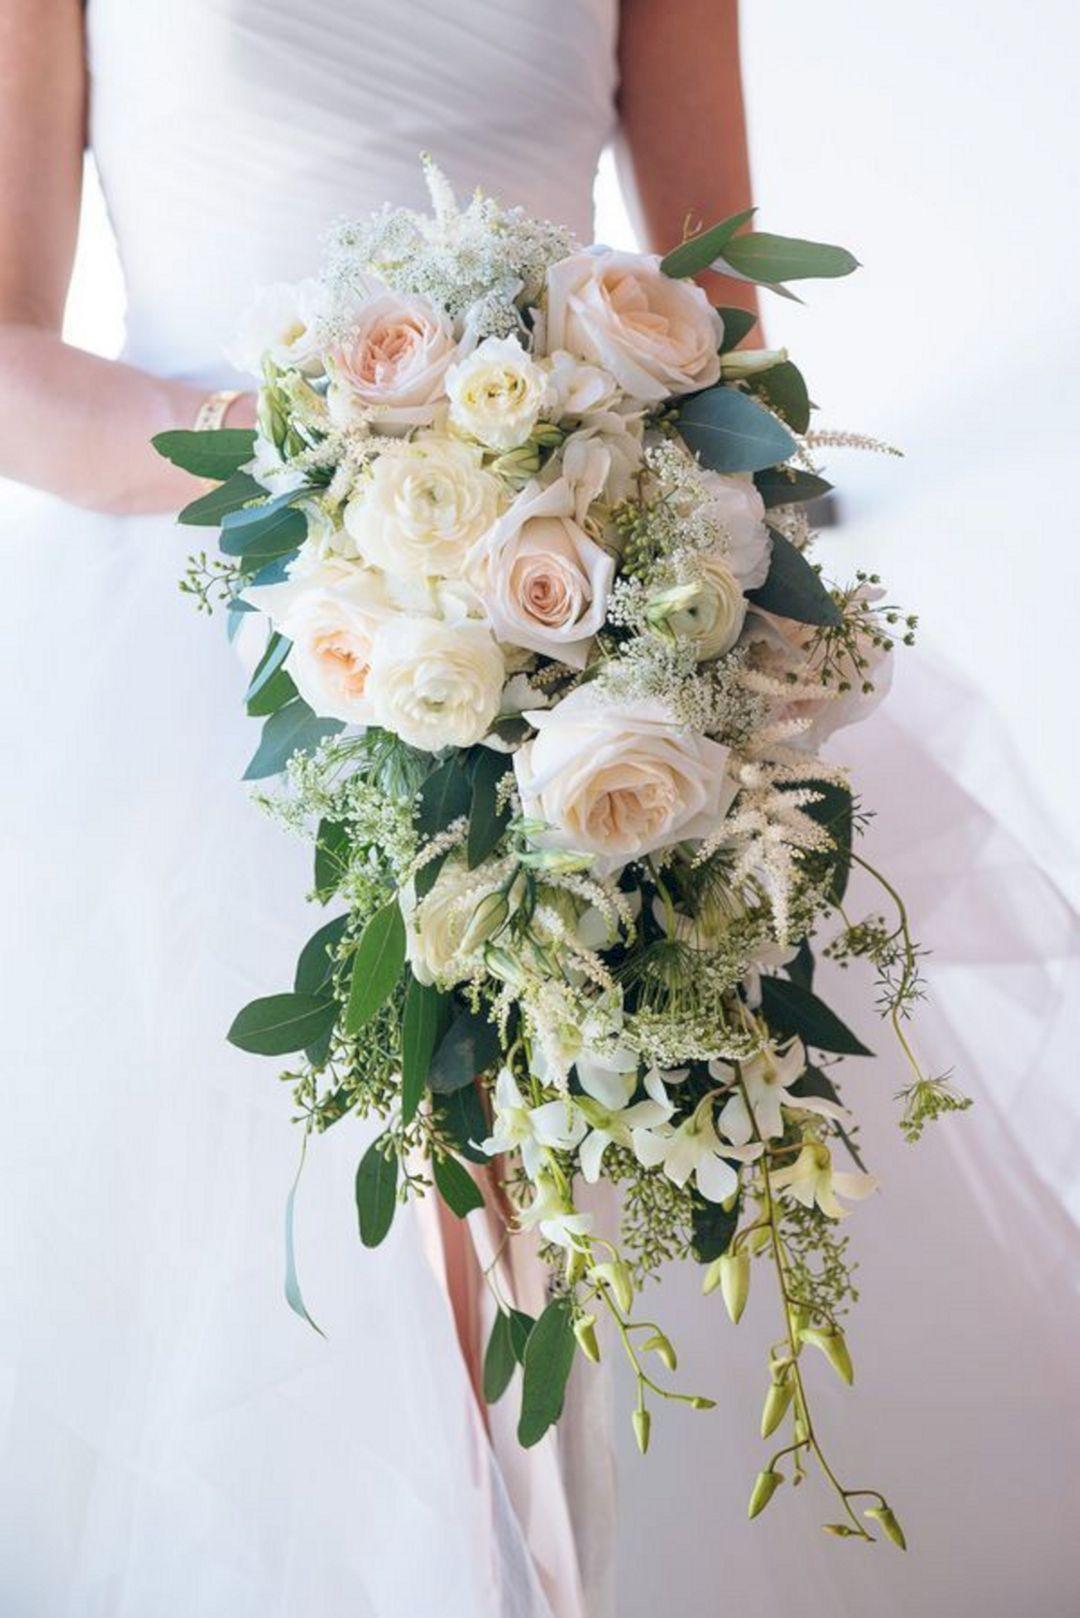 40 Diy Beautiful Birthday Party Decoration Ideas: 40+ DIY Beautiful Cascading Wedding Bouquet Ideas